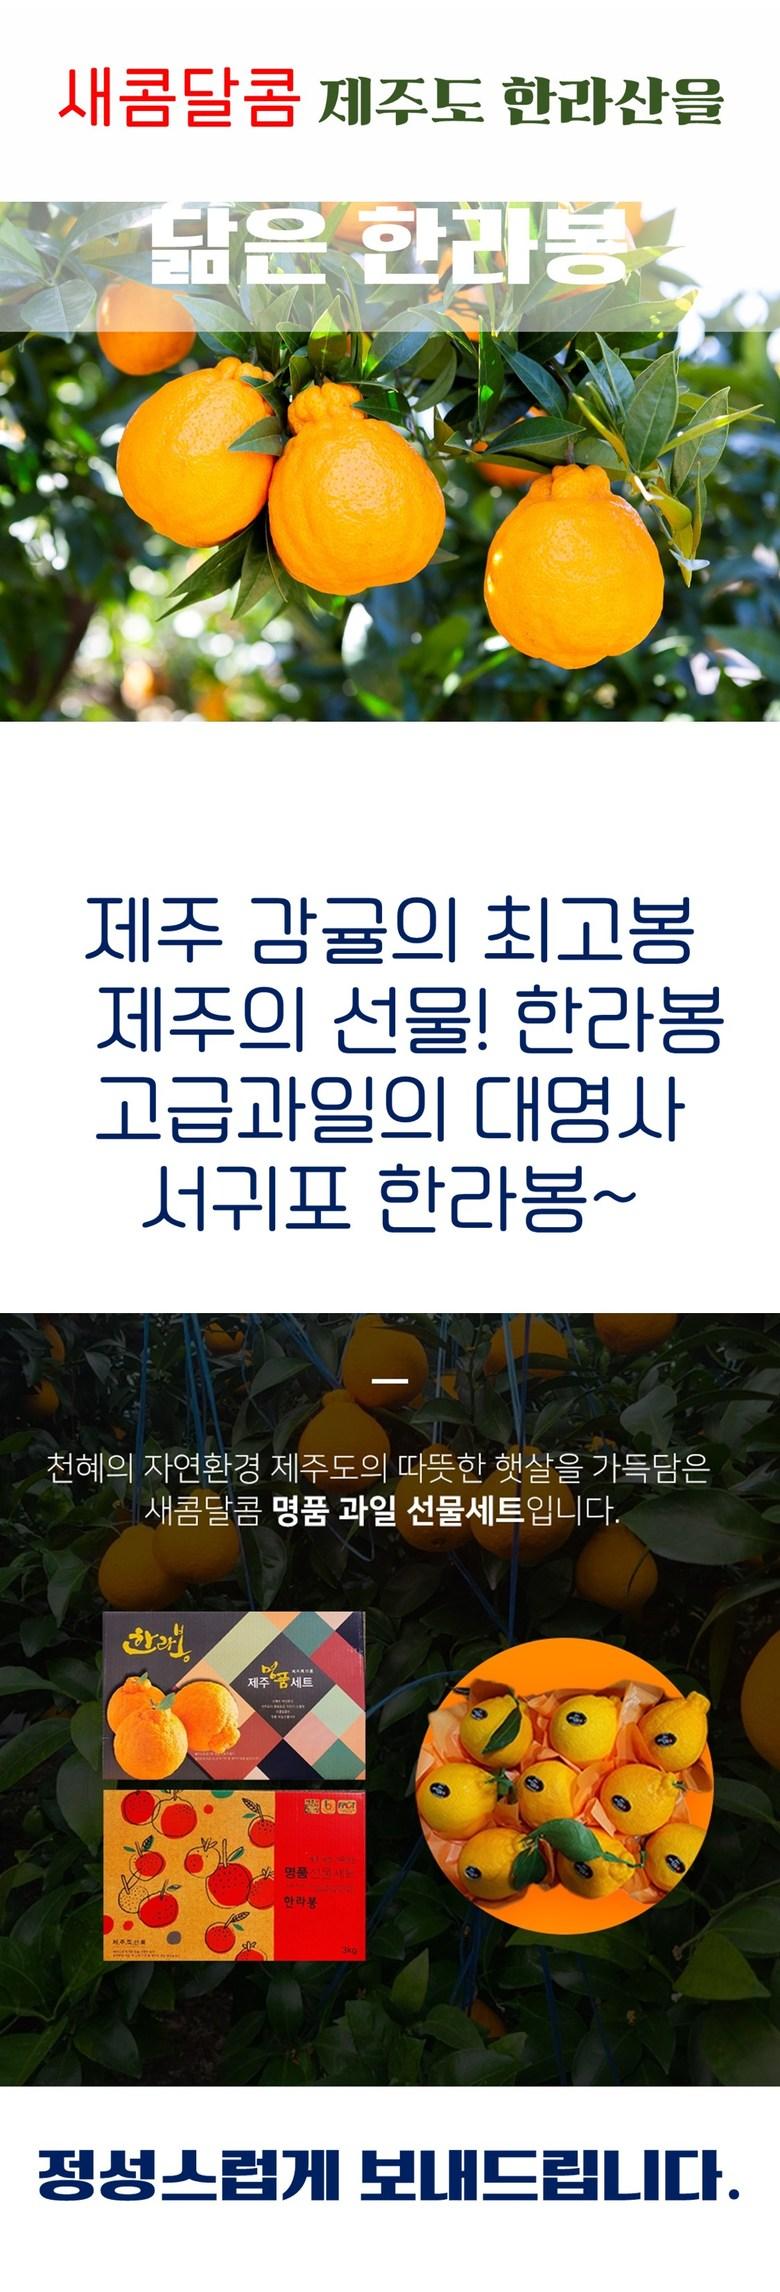 f11239009c8eab4f7468a0c7f2e2561e_1611827301_5161.jpg